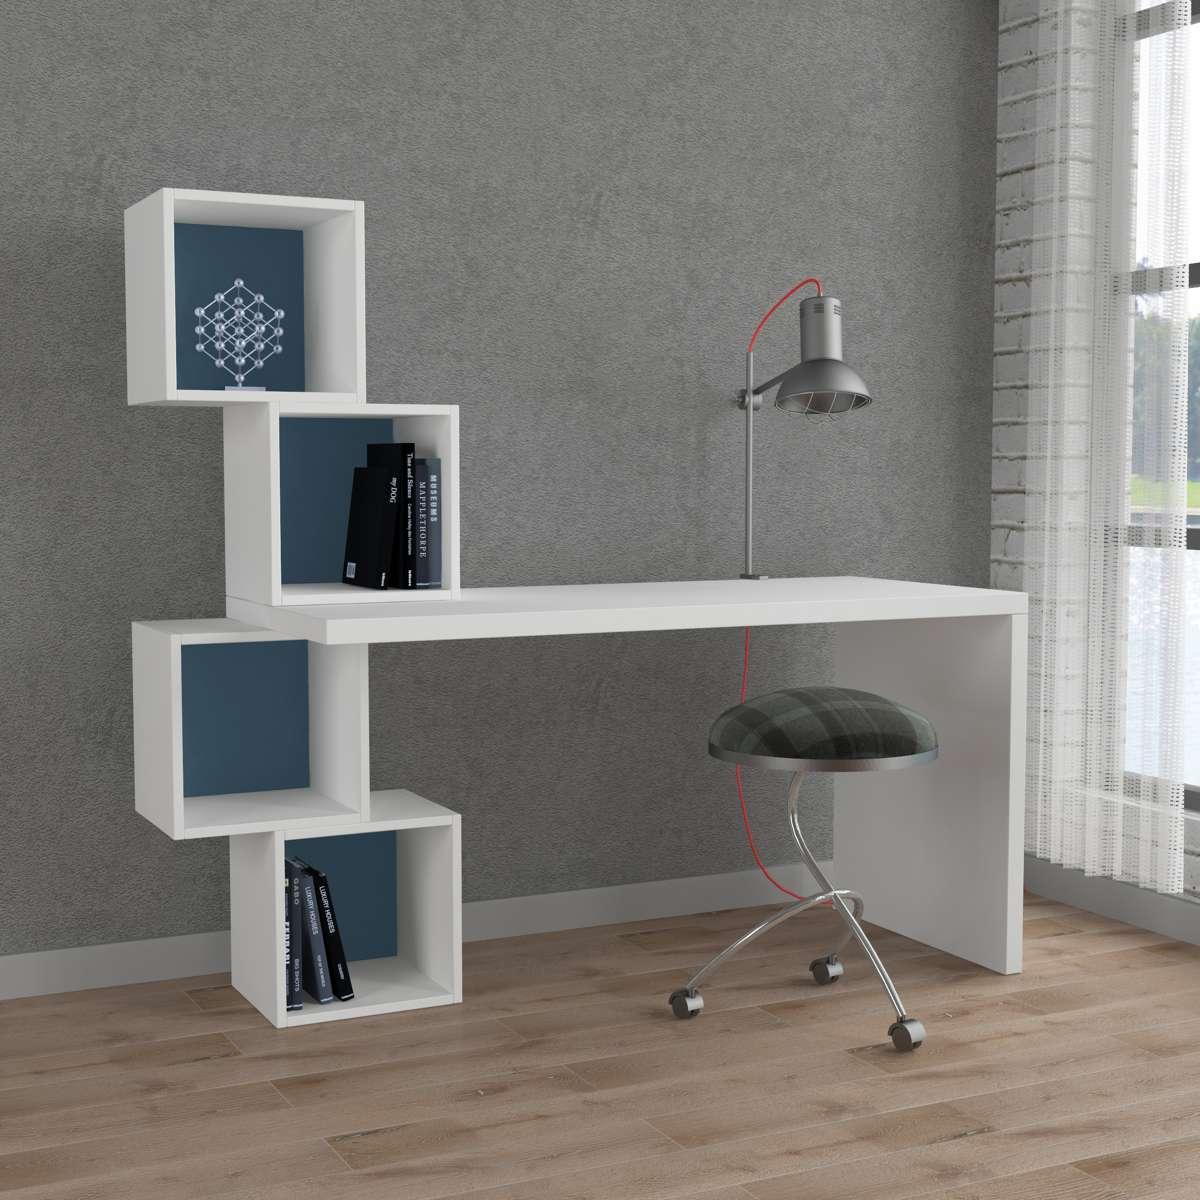 שולחן כתיבה Balance Working table לבן/טורקיז מסדרת Decoline